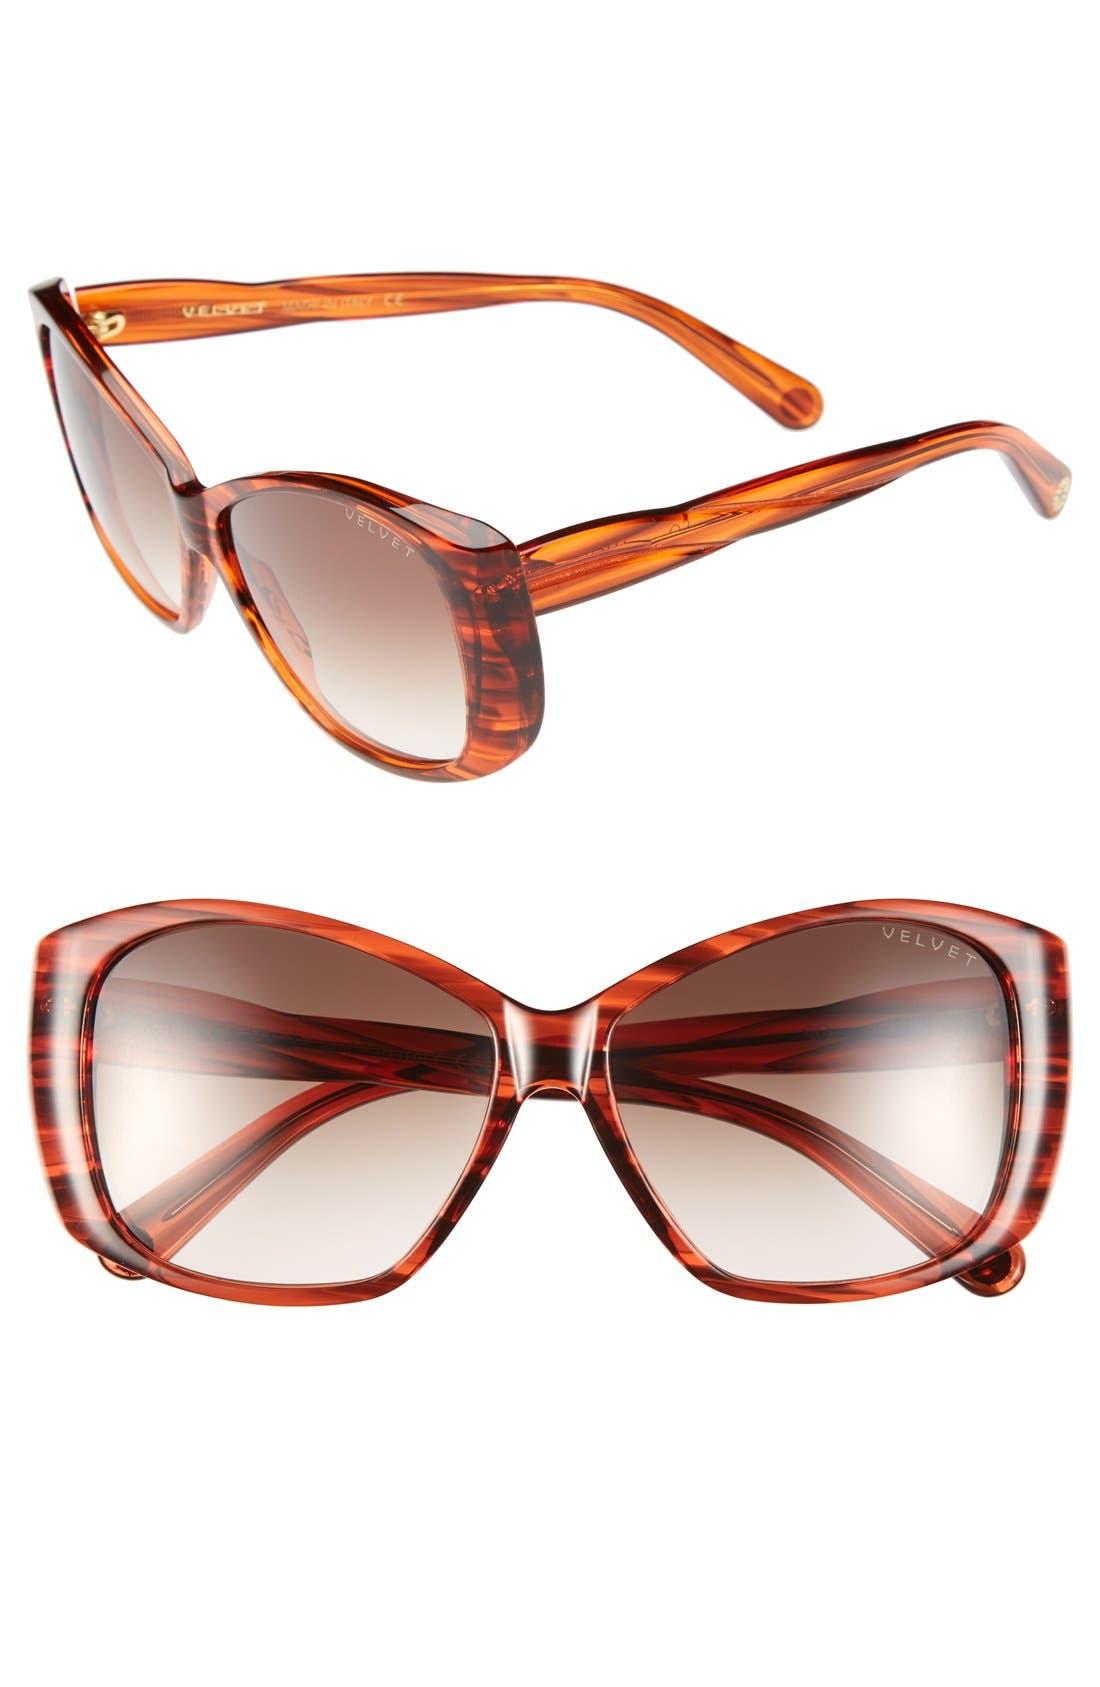 Alternate Image 1 Selected - Velvet Eyewear 'Lucy' 56mm Sunglasses